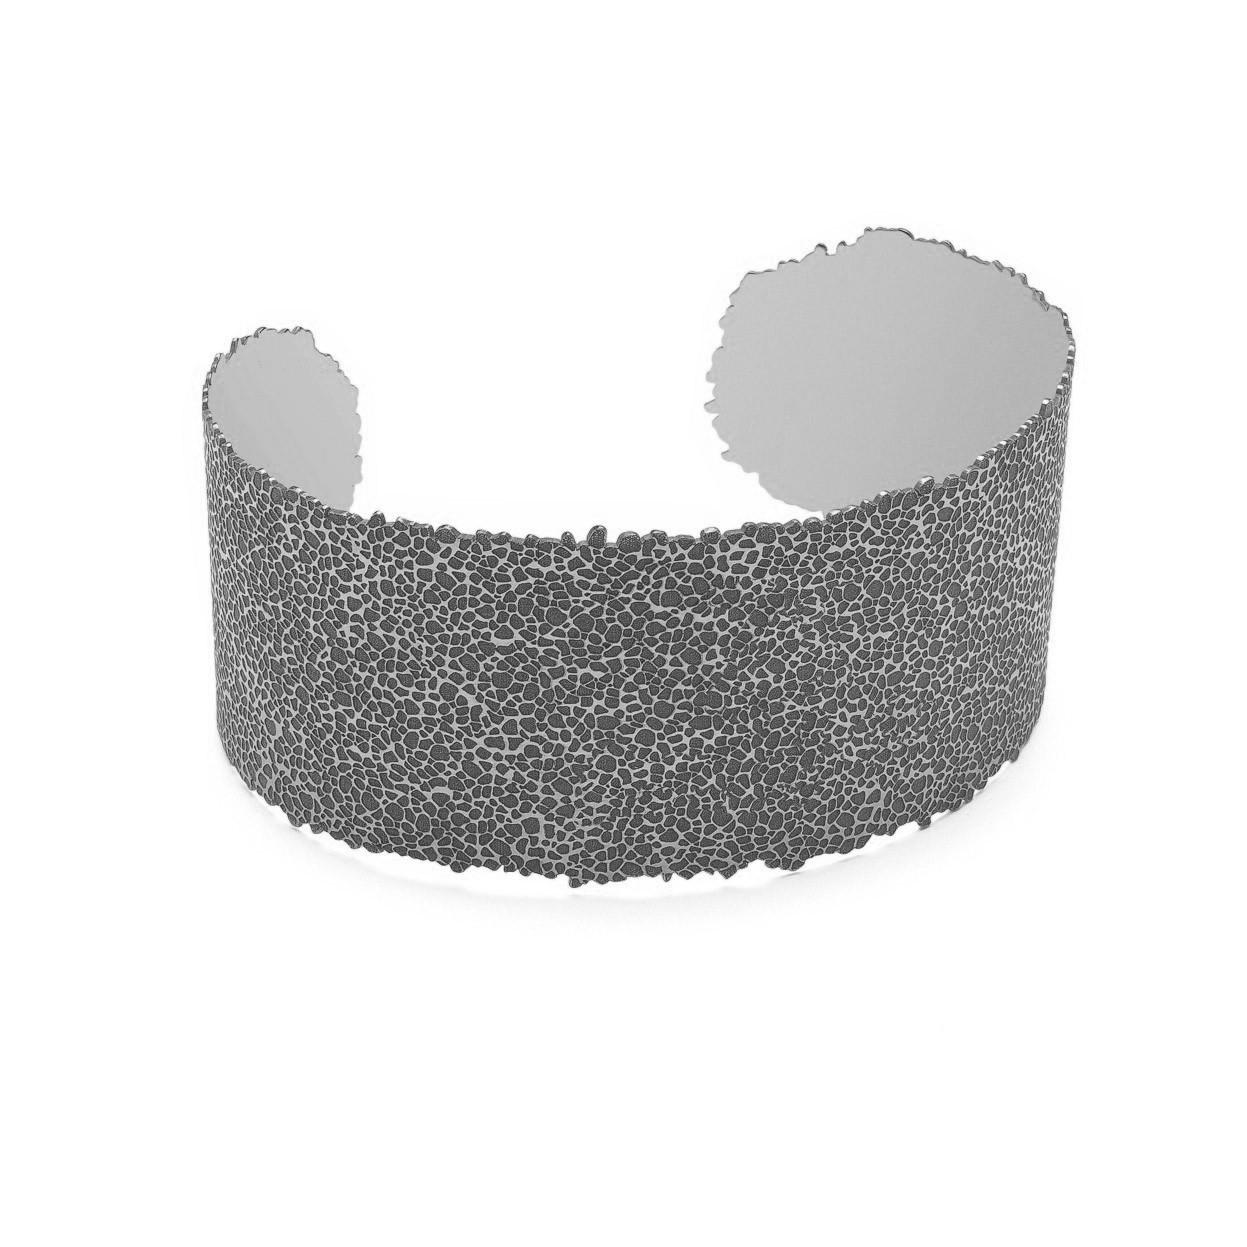 Damska szeroka młotkowana bransoletka MON DÉFI grawer srebro 925